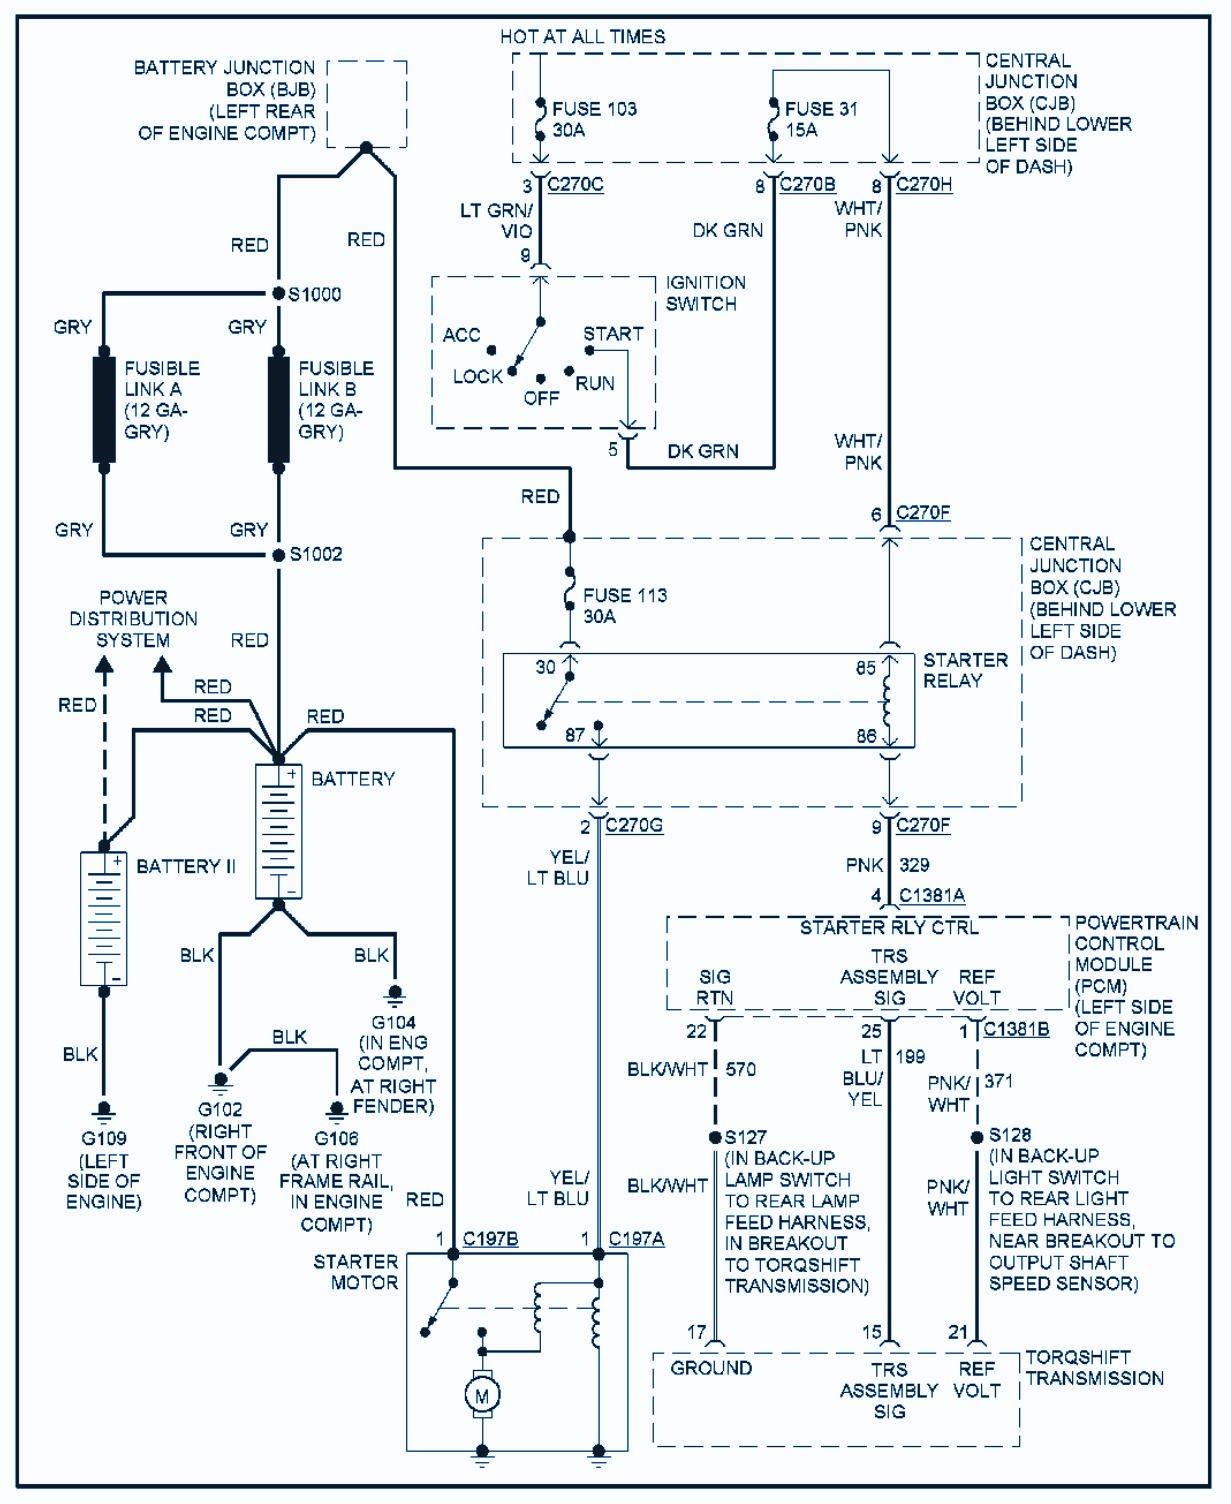 honda gx670 wiring diagram 08 f550 wiring diagram for engine controls wiring diagram  f550 wiring diagram for engine controls